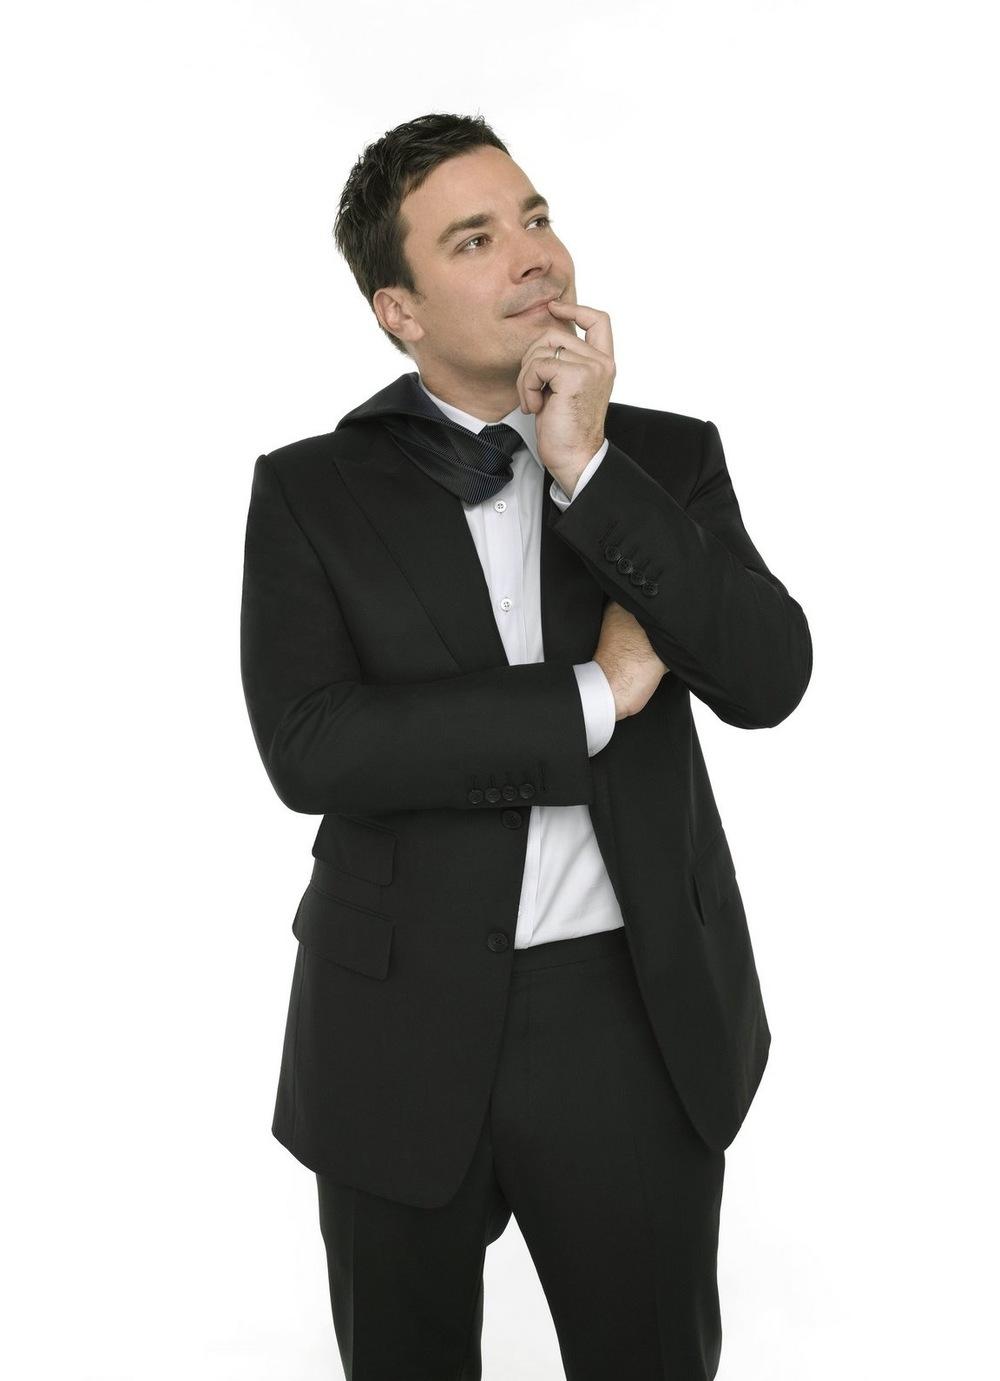 Jimmy Fallon. Um dos mais populares apresentadores americanos, Fallon assumiu o papel de apresentador de talk-show sem entrar naquele lugar comum de ternos e gravatas sem graça, estilo apresentador de telejornal. Com muito estilo a longo dos seus 38 anos, ele seguidamente emplaca combinações certeiras, que não flertam com o extravagante, porém sempre o colocam na galeria dos mais bem vestidos. Um verdadeiro retrato do homem moderno. E que pode servir de exemplo para quem trabalha diariamente vestindo terno.